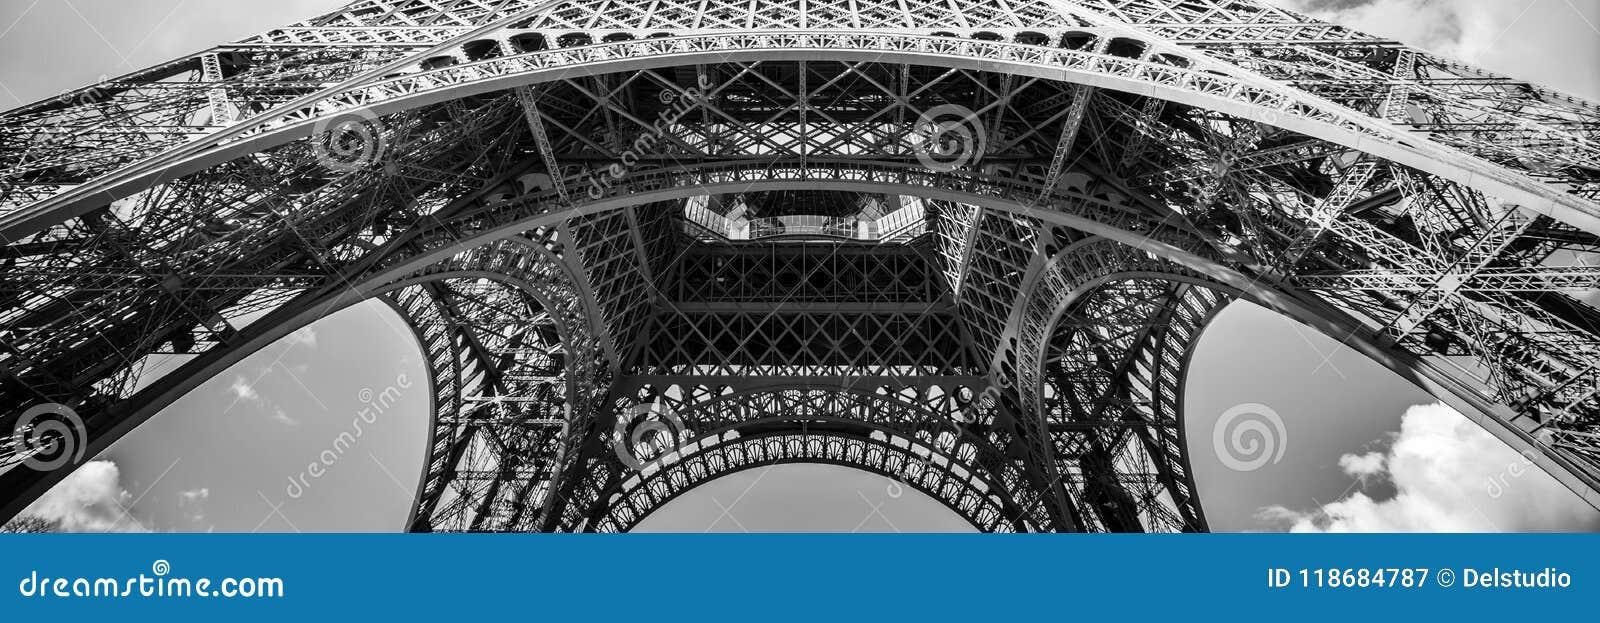 Panorama abstrato da torre Eiffel, Paris França